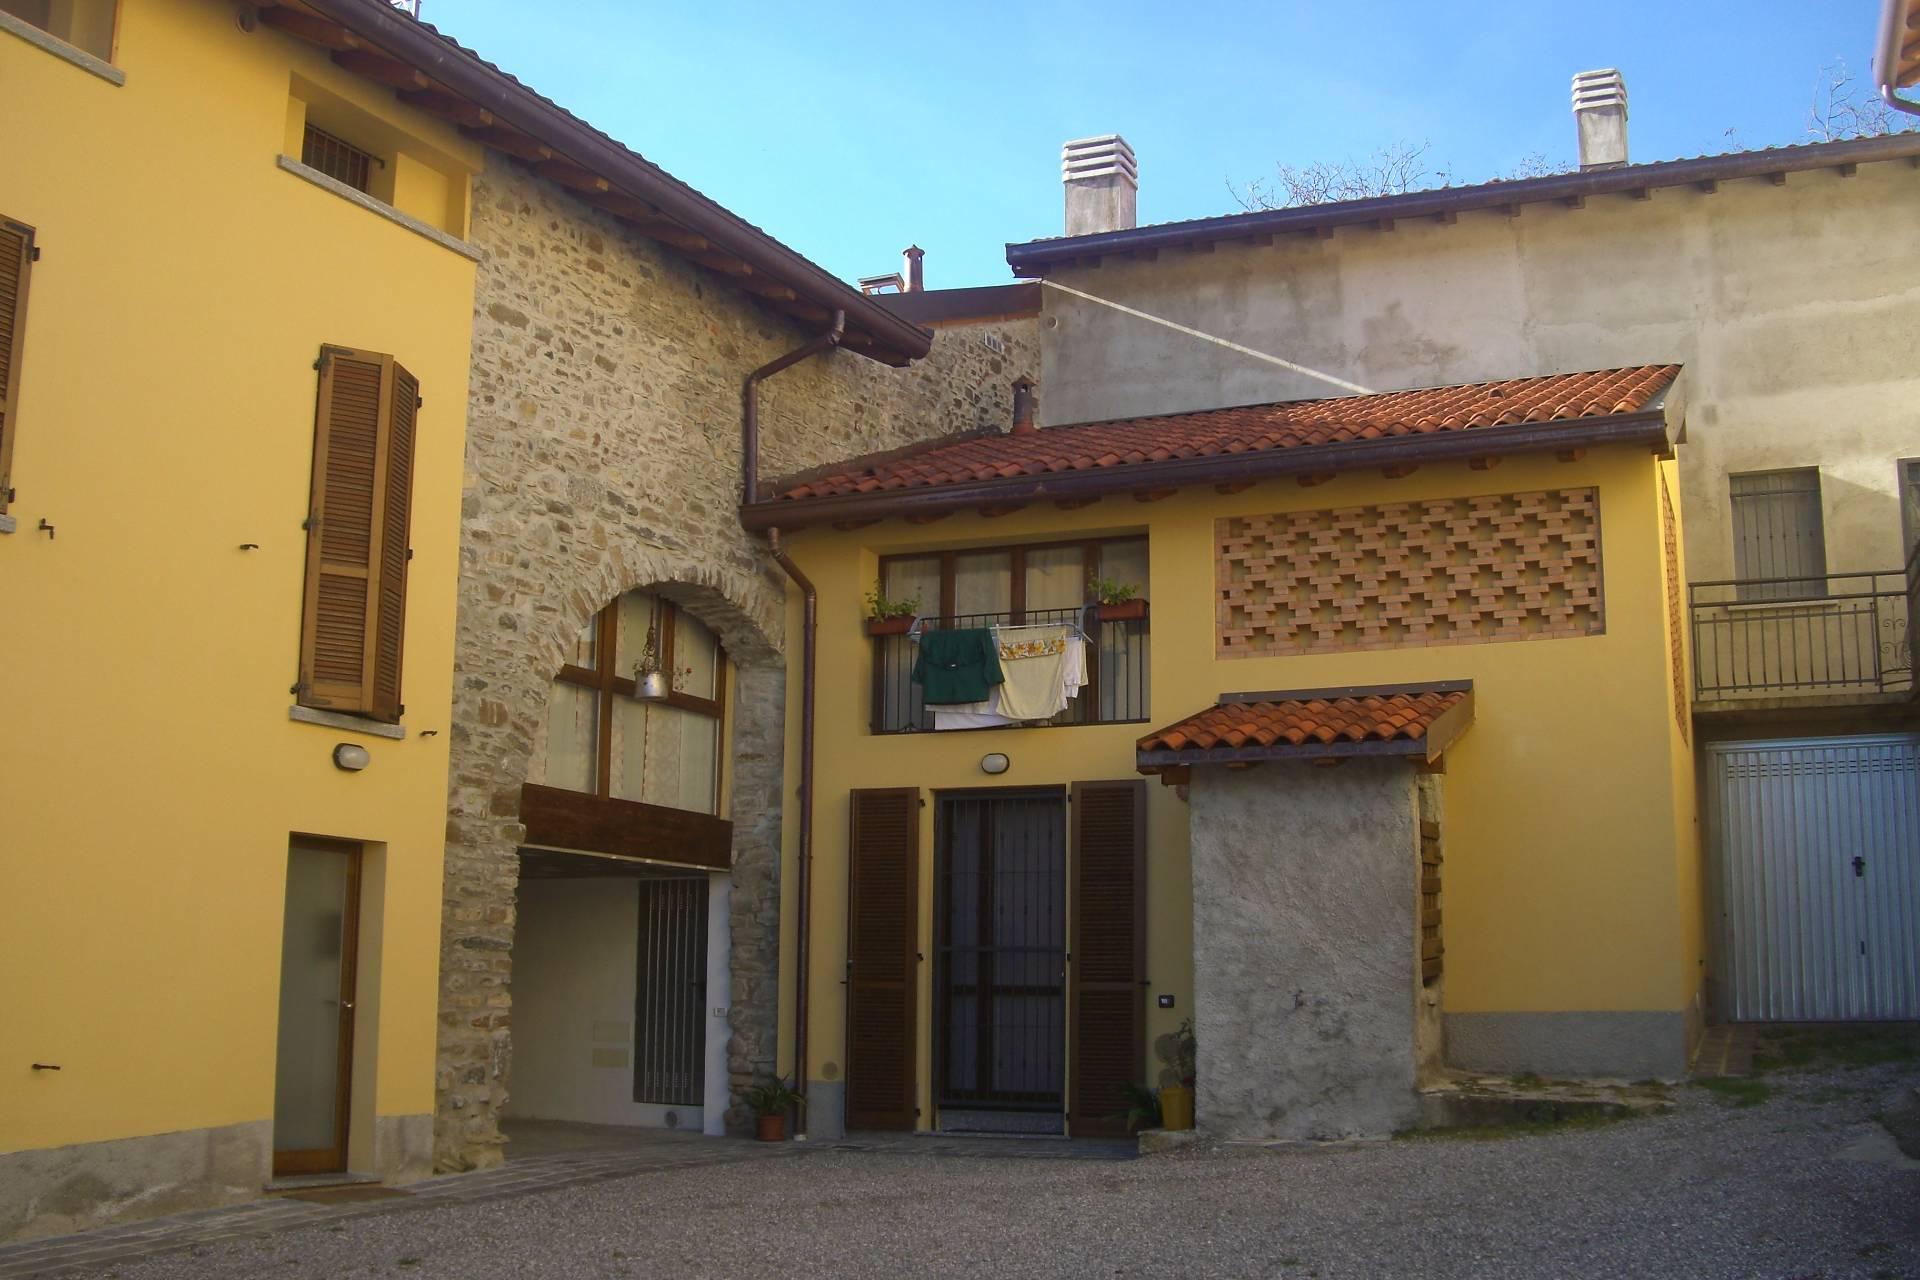 Appartamento in vendita a Valgreghentino, 2 locali, prezzo € 60.000 | Cambio Casa.it